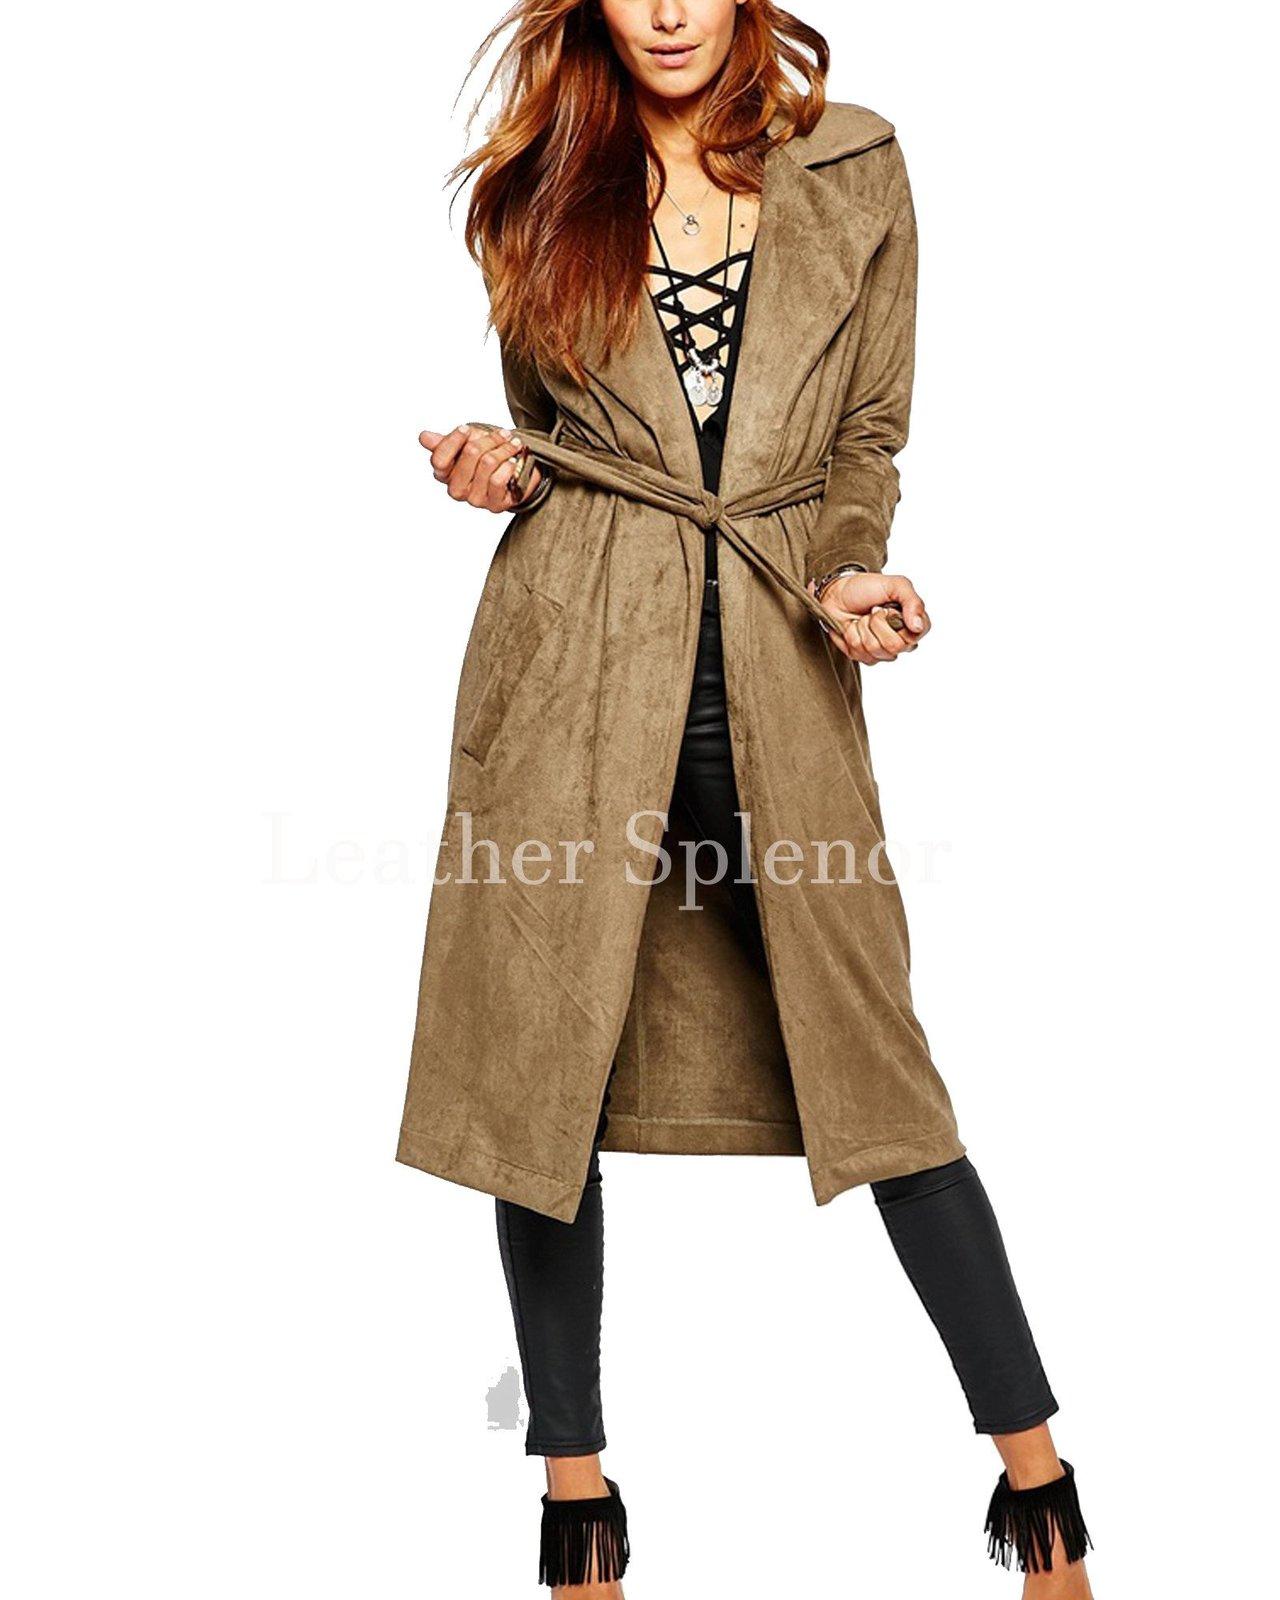 Tie Up Waist Women Suede Leather Coat